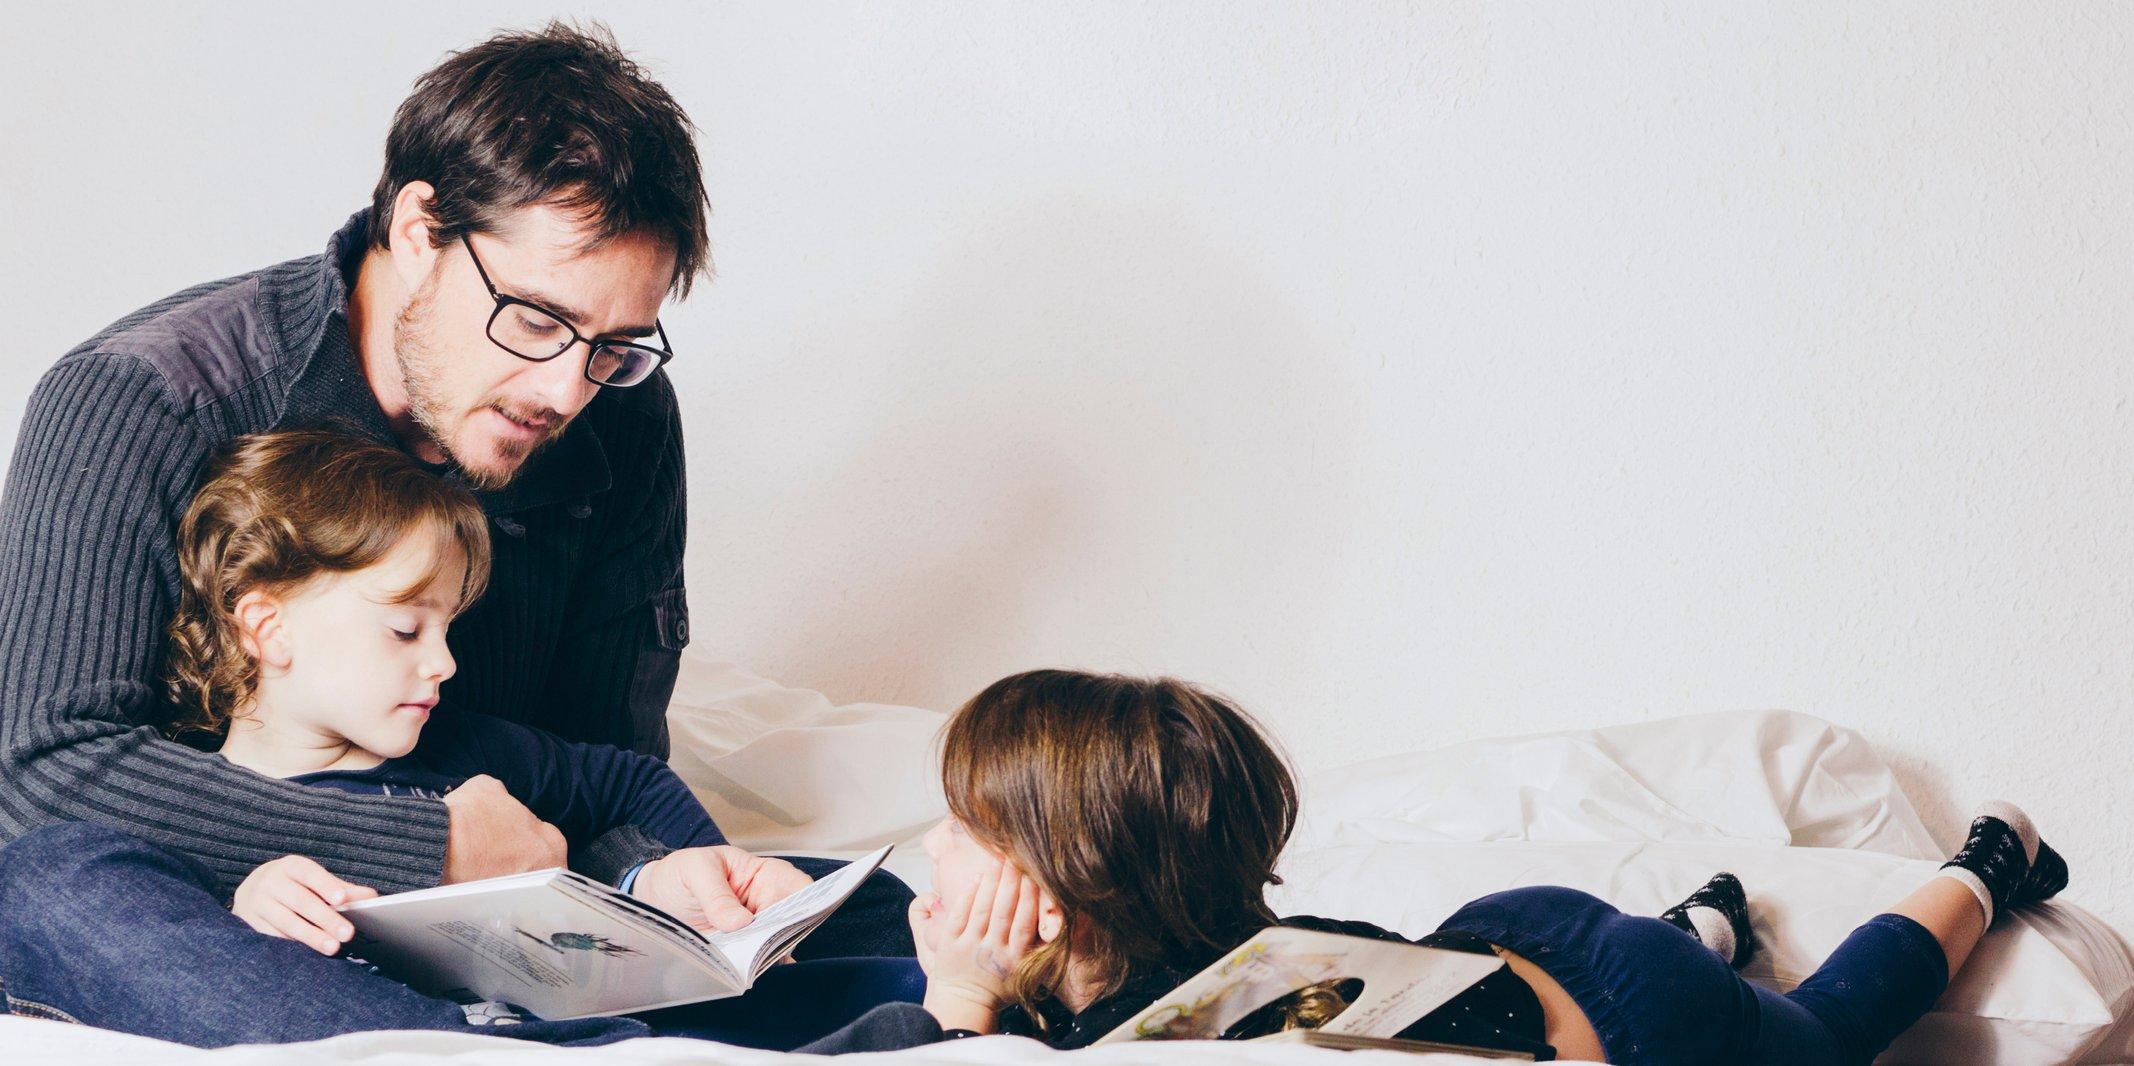 Cómo Evitar Adultos Débiles a través de la Educación